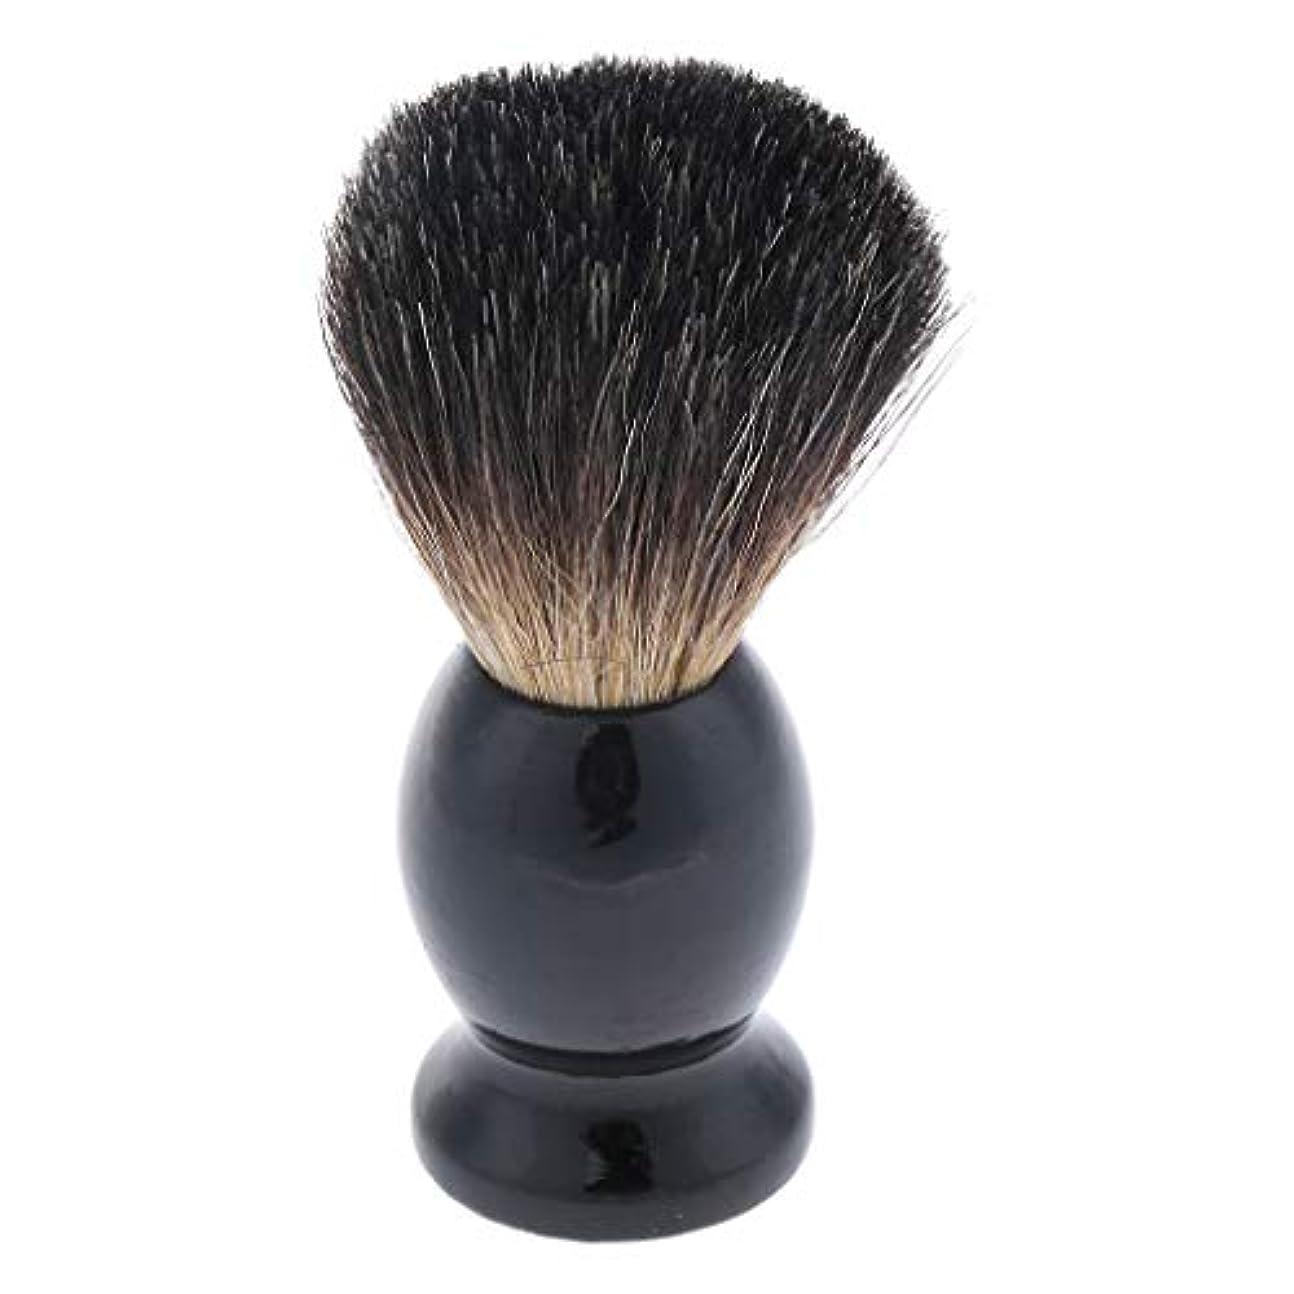 恐ろしいパイプライン詳細にシェービングブラシ メンズ ひげブラシ 髭剃りブラシ 木製ハンドル 泡立ち 理容